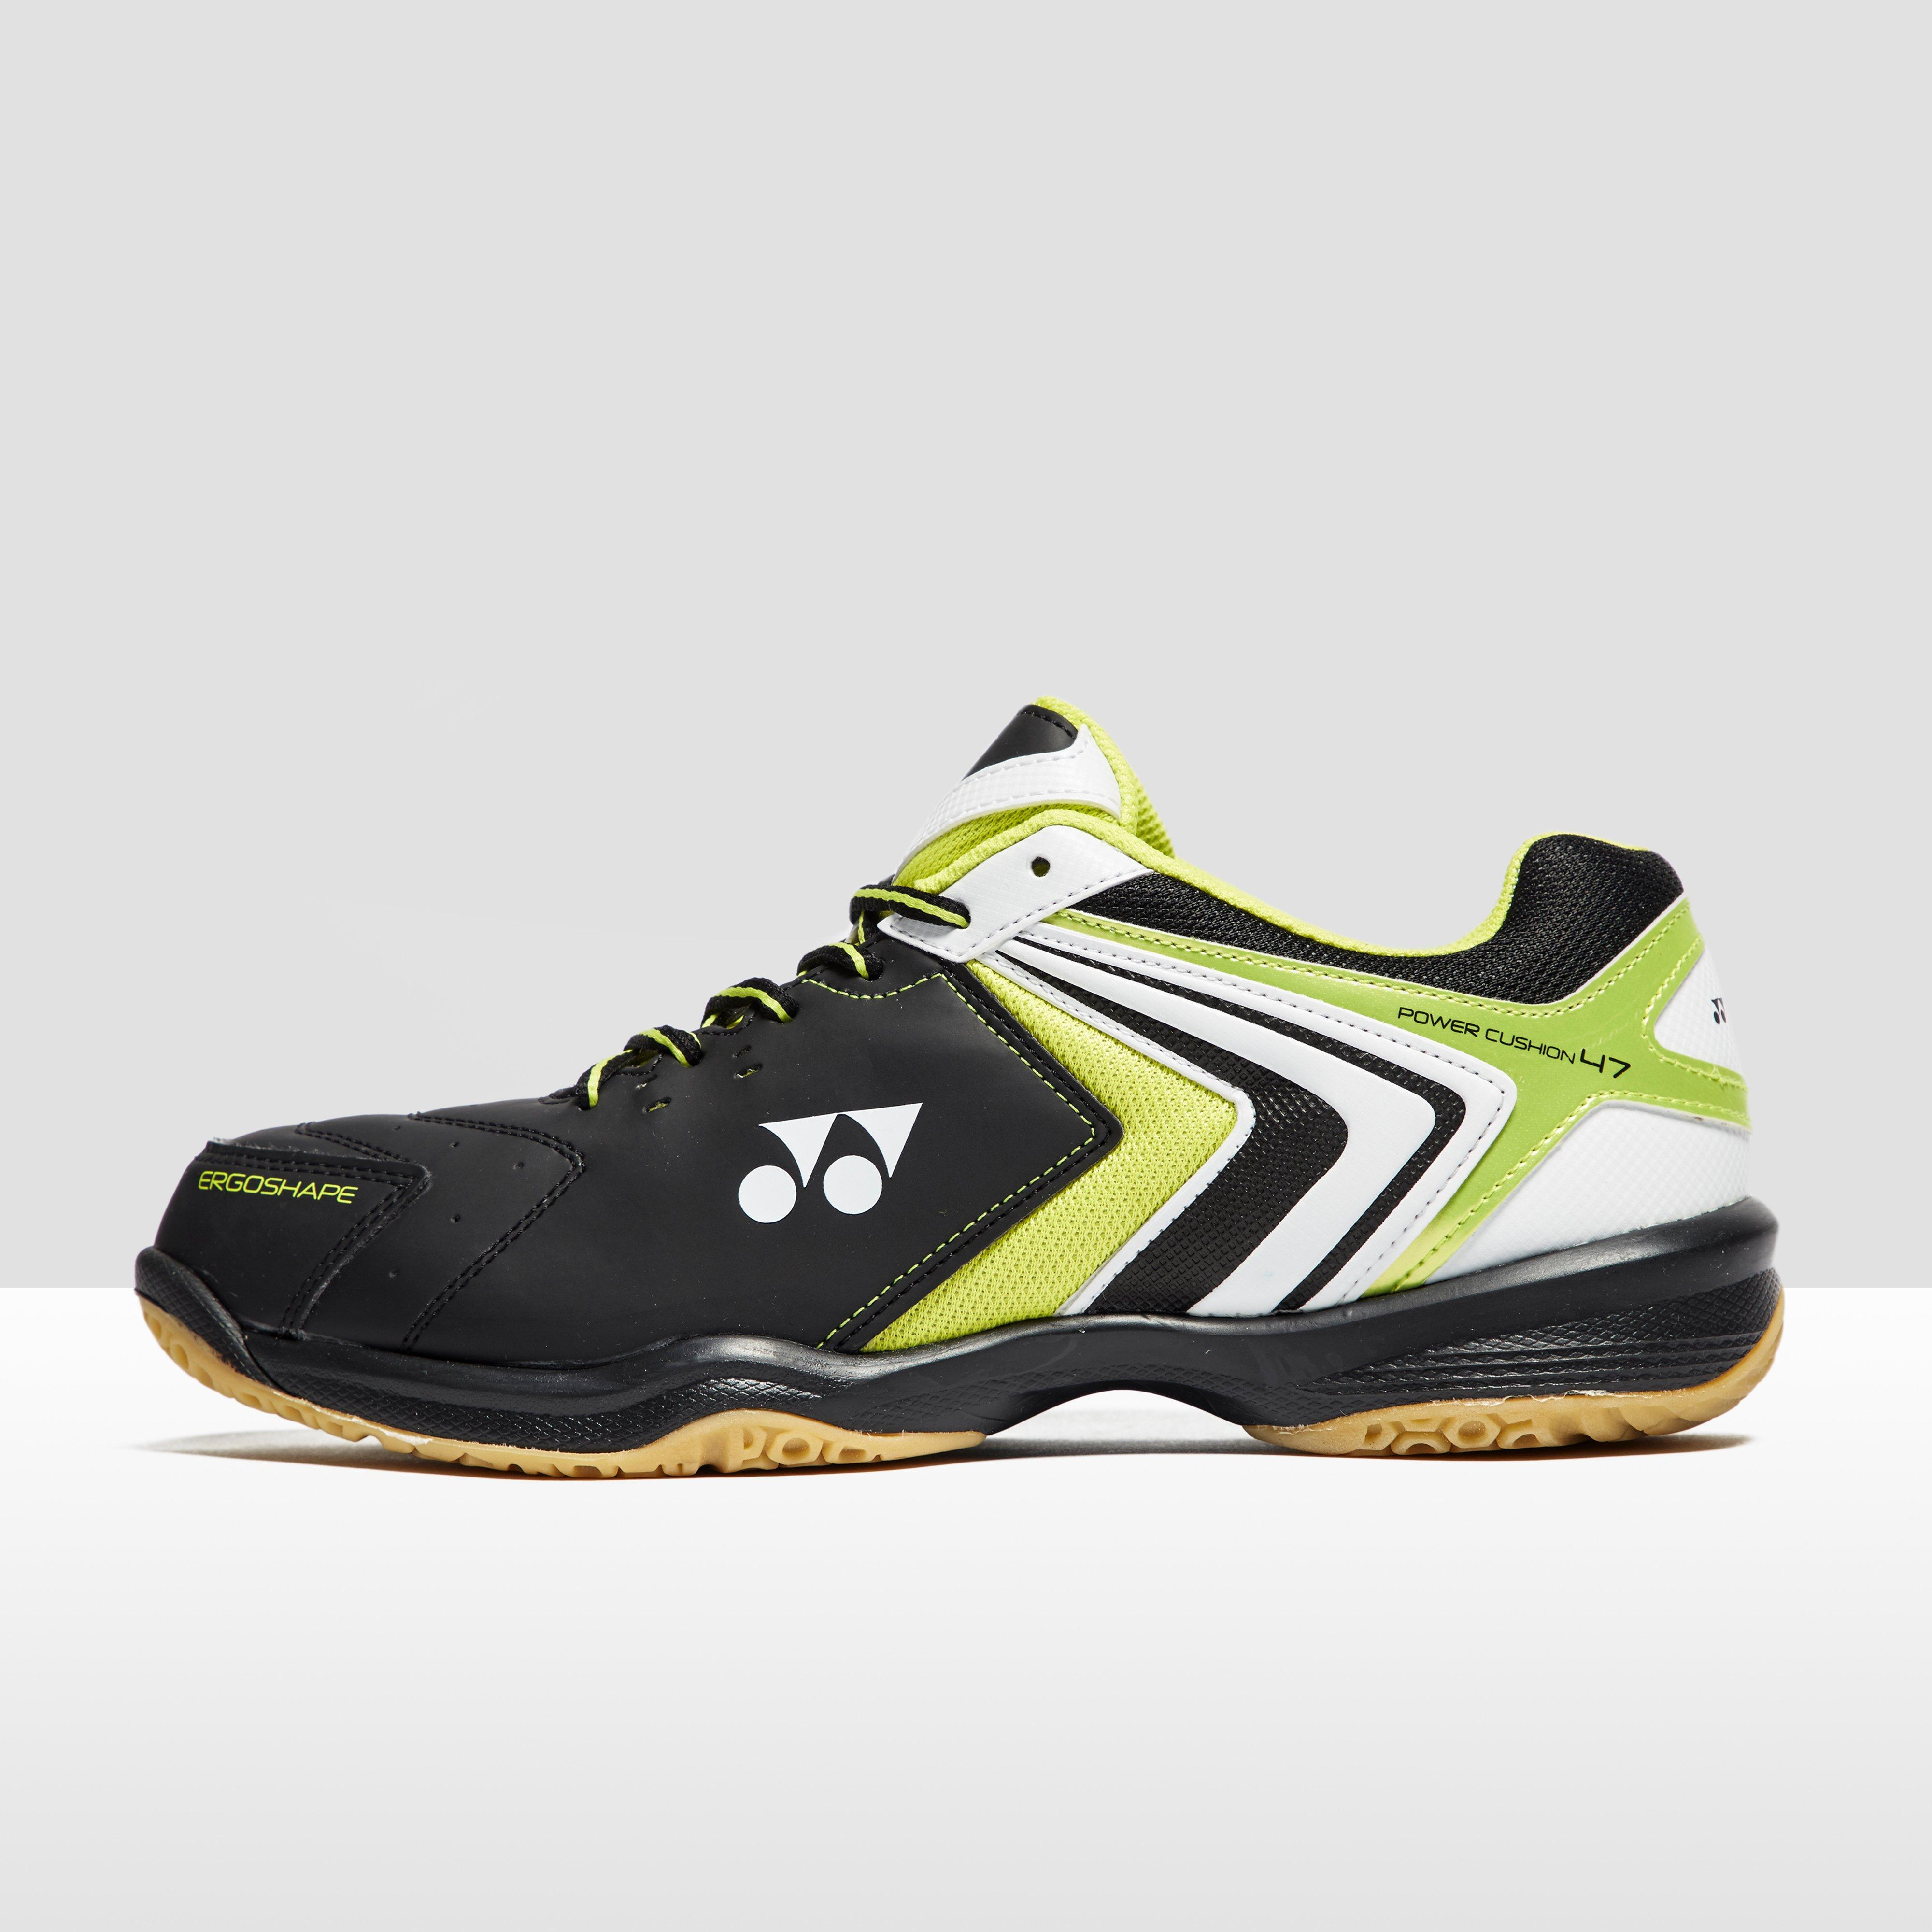 Details About Yonex Power Cushion 47 Men S Badminton Shoes